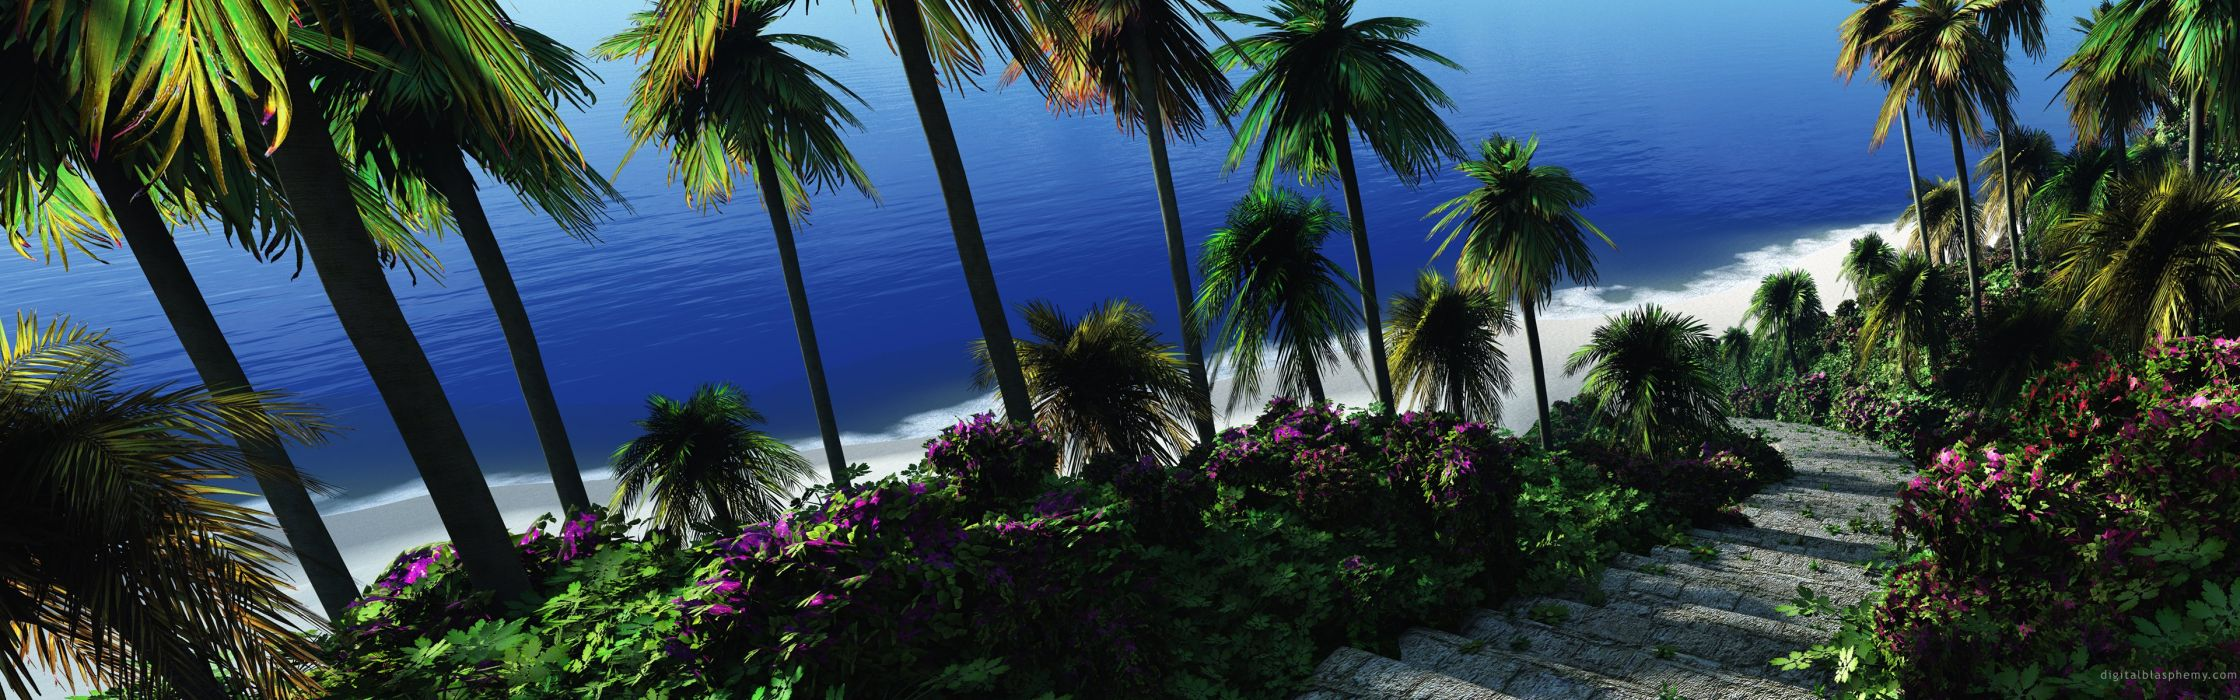 stairways digital art palm trees wallpaper